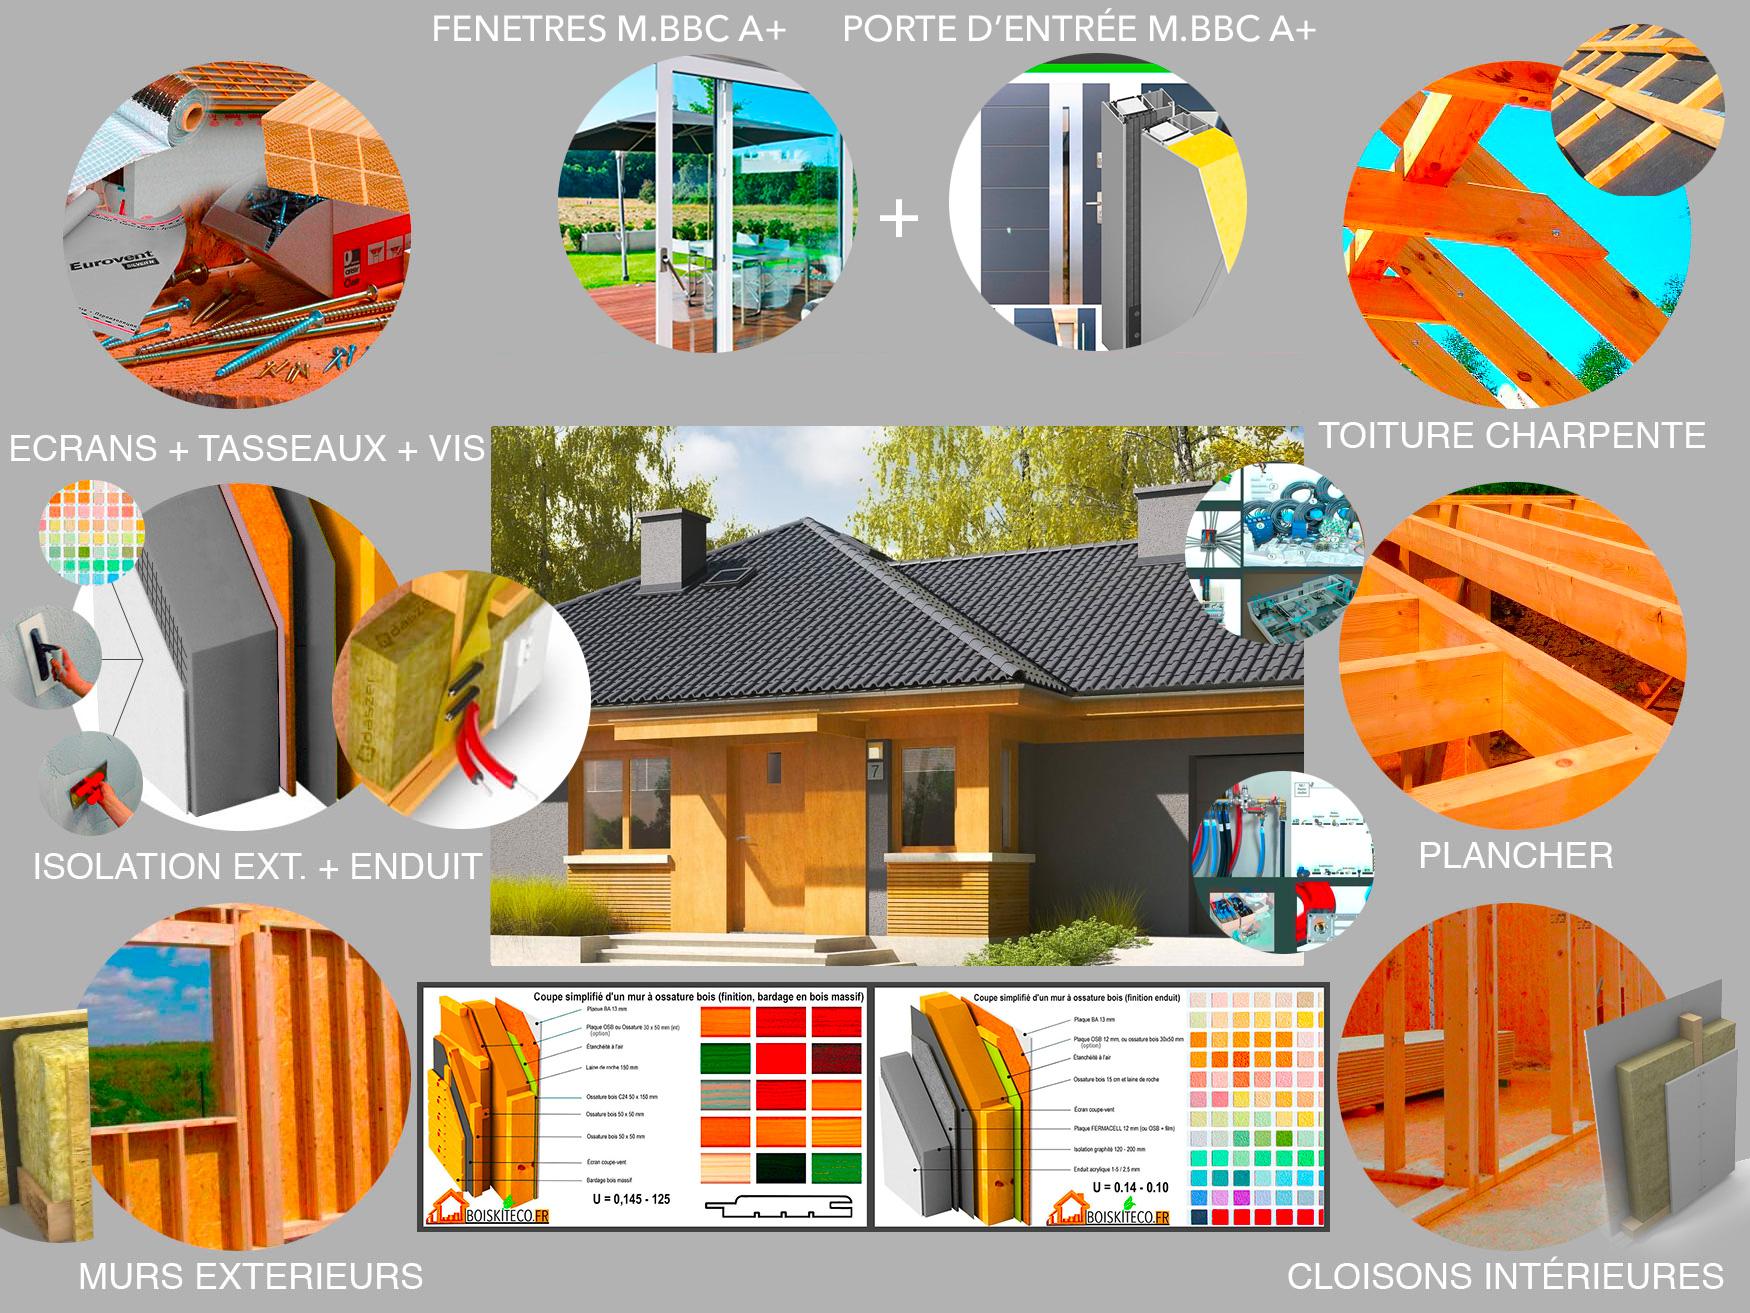 kit ossature bois pour auto-construction